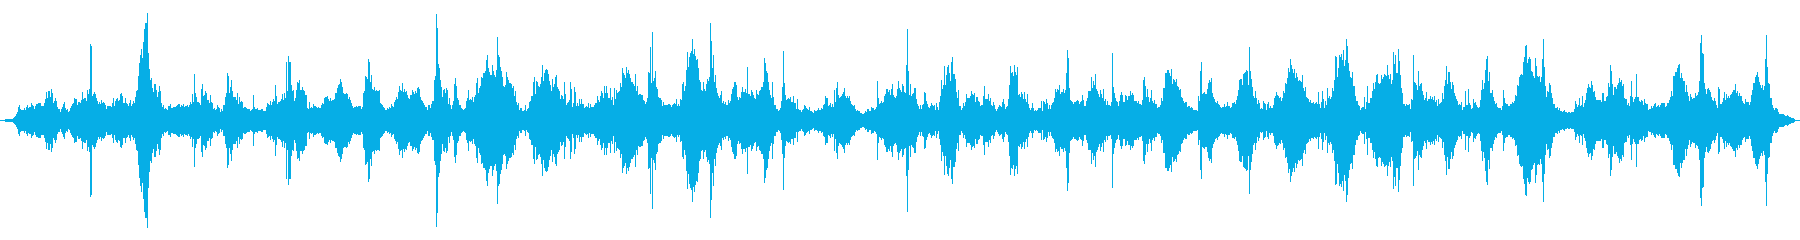 オーシャン:地中海:ミュートウェー...の再生済みの波形